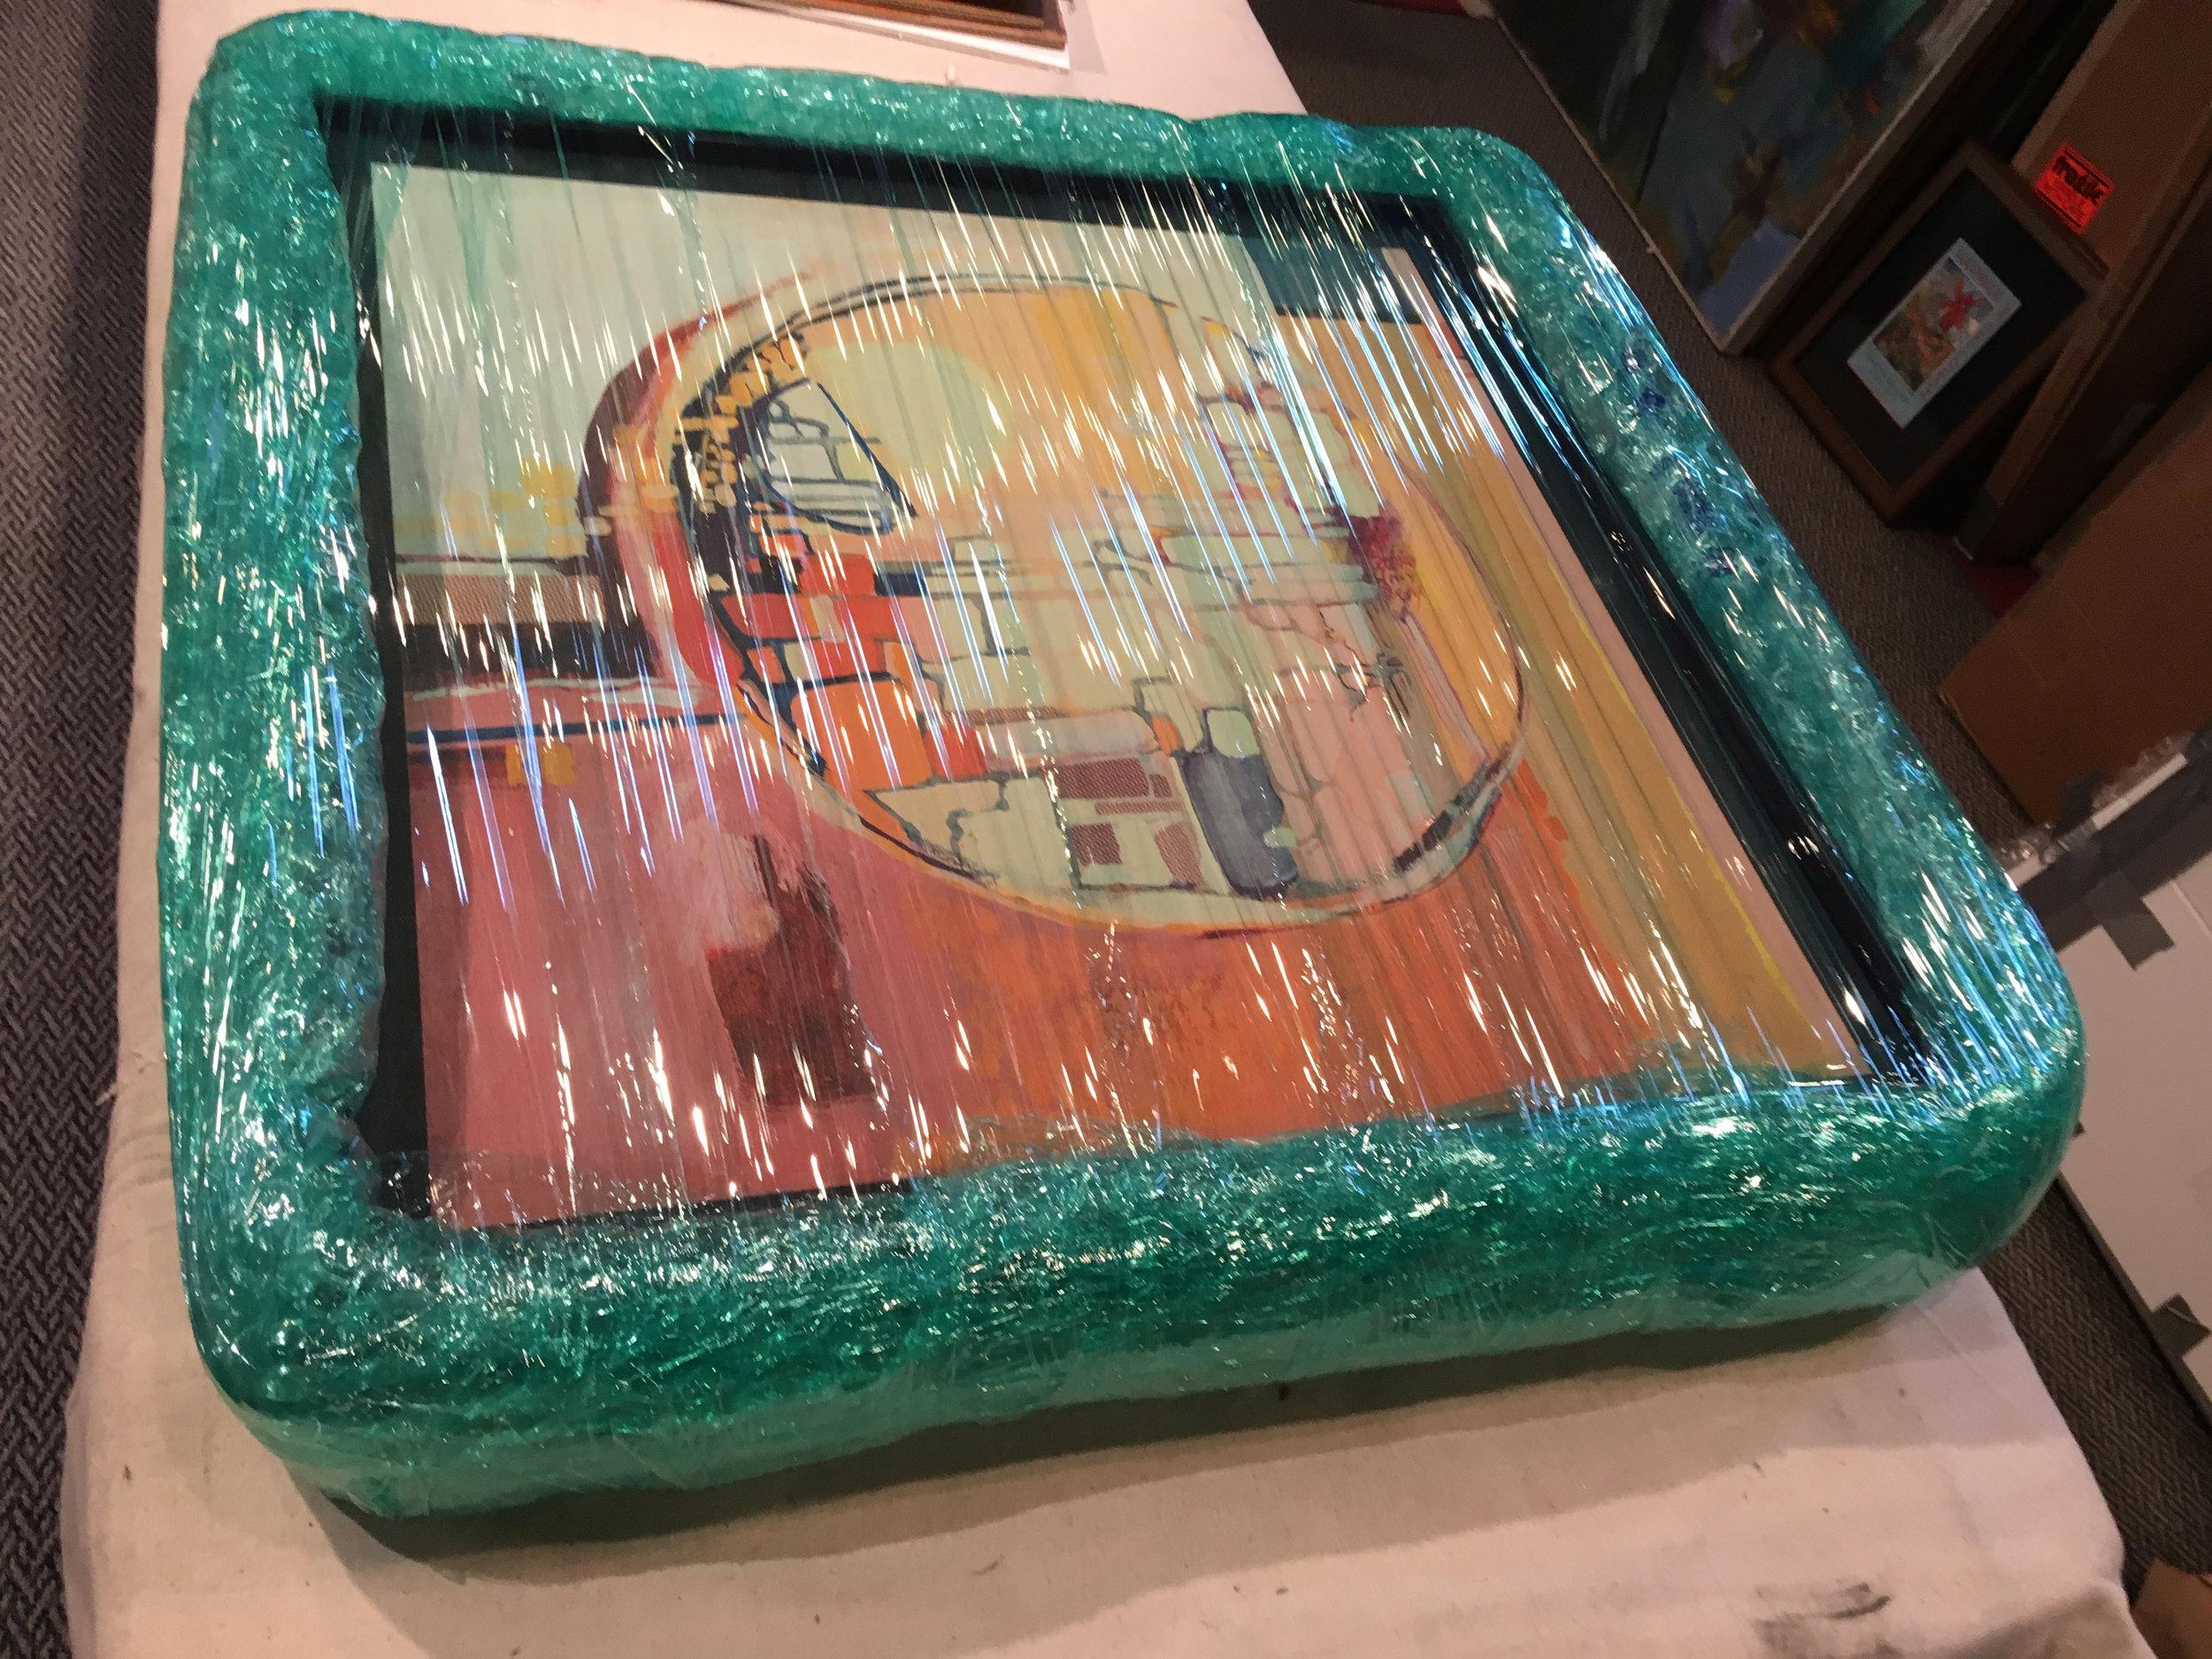 Custom packed artwork ensures shock damage while in transit.